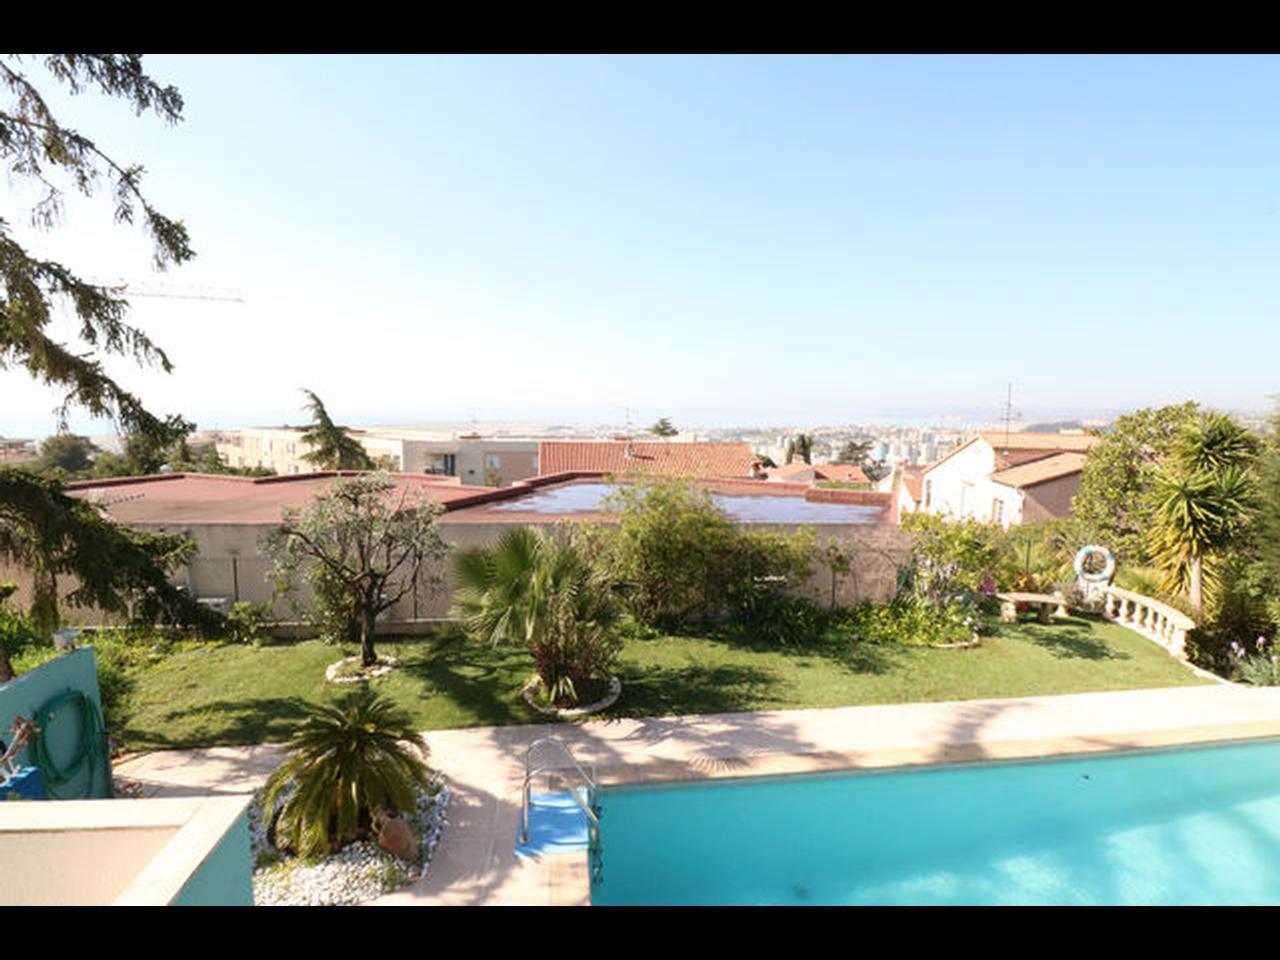 Maison Californienne Nice : Immobilier nice vue mer maison ouest lanterne